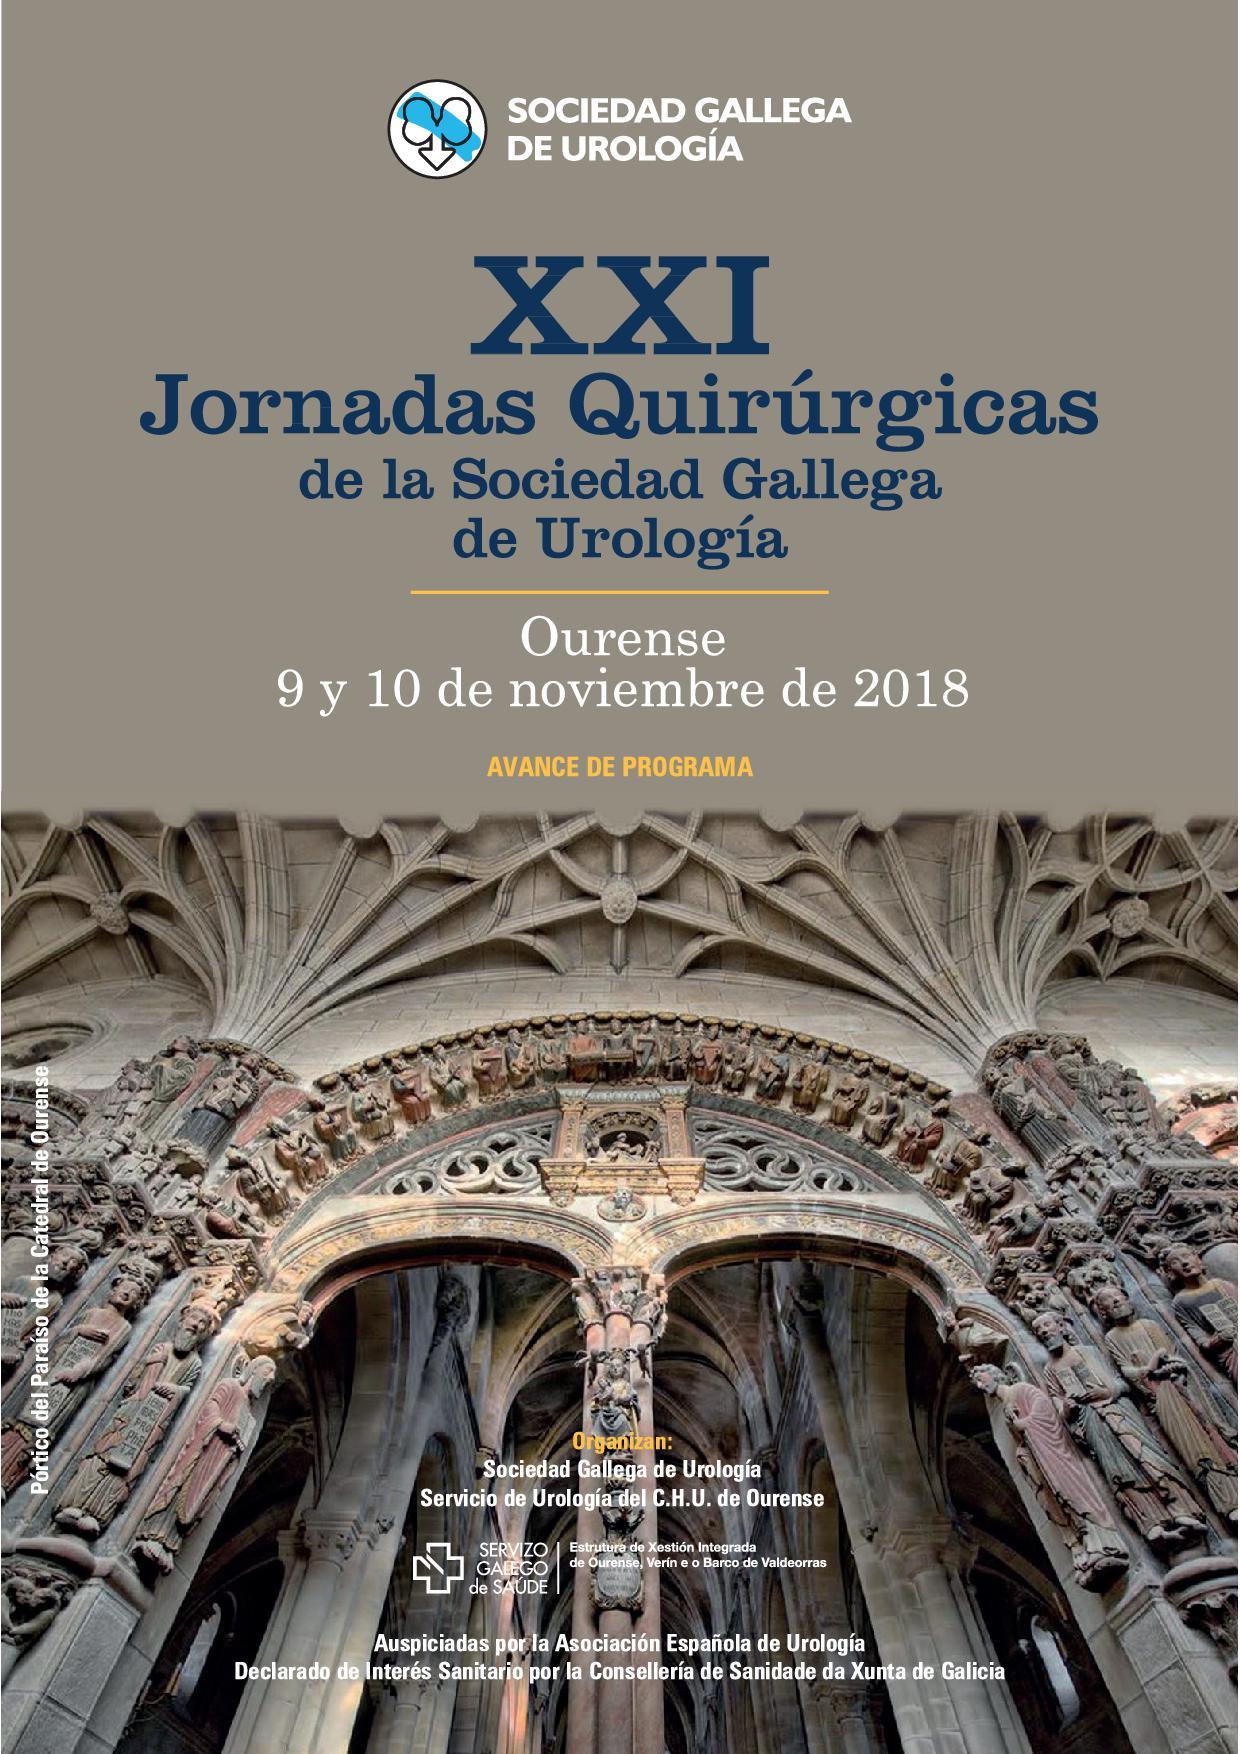 XXI Jornadas Quirúrgicas de la Sociedad Gallega de Urología